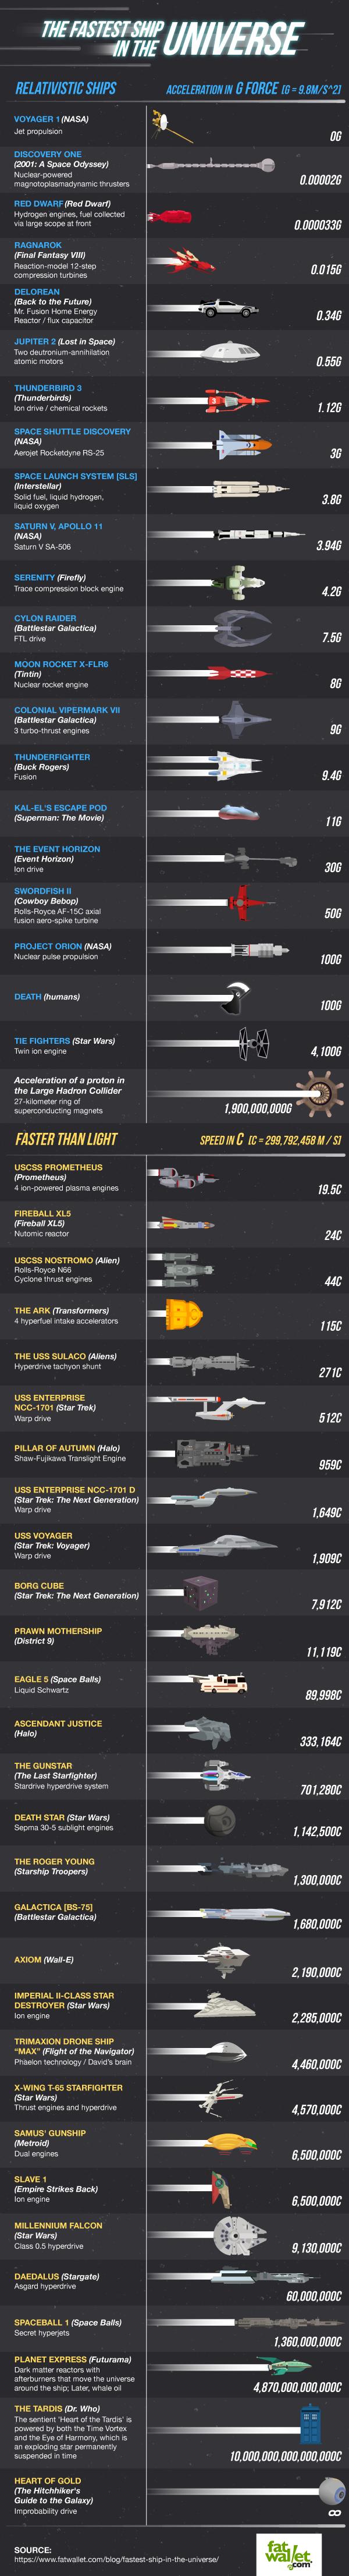 Самые быстрые космические корабли, настоящие и вымышленные - 1